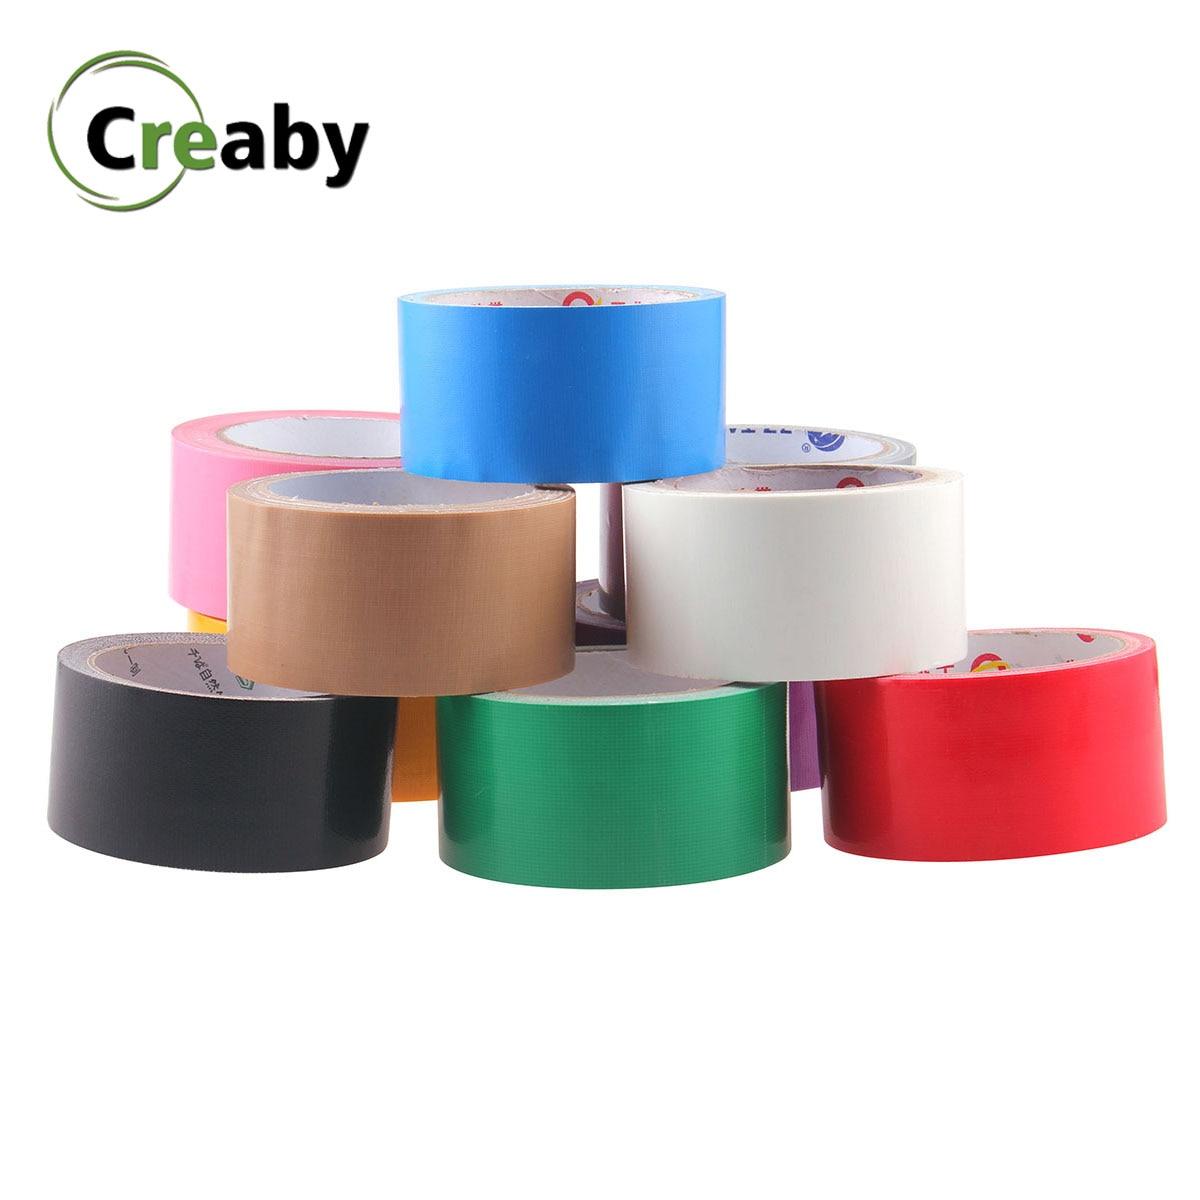 DIY Deco многоцветная прочная водонепроницаемая клейкая лента, клейкая лента, рулон клейкой ткани, ремонтная клейкая лента для ковра 10 м